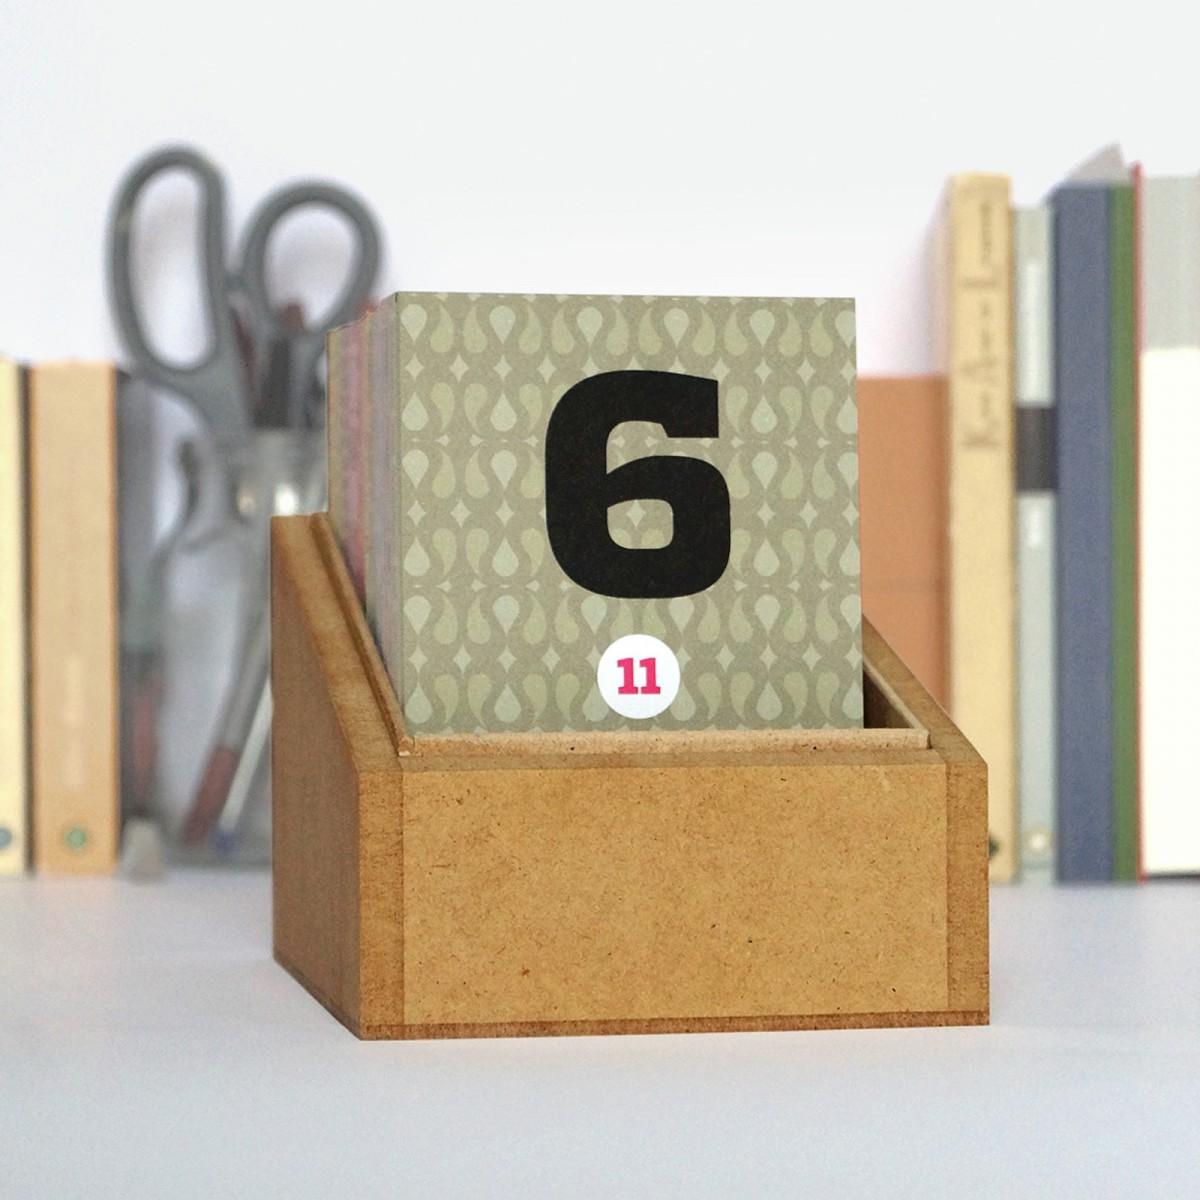 Happydaysbox, mit Deckel weiß, sprachneutraler Erinnerungskalender, schönetagebox Vol. 2